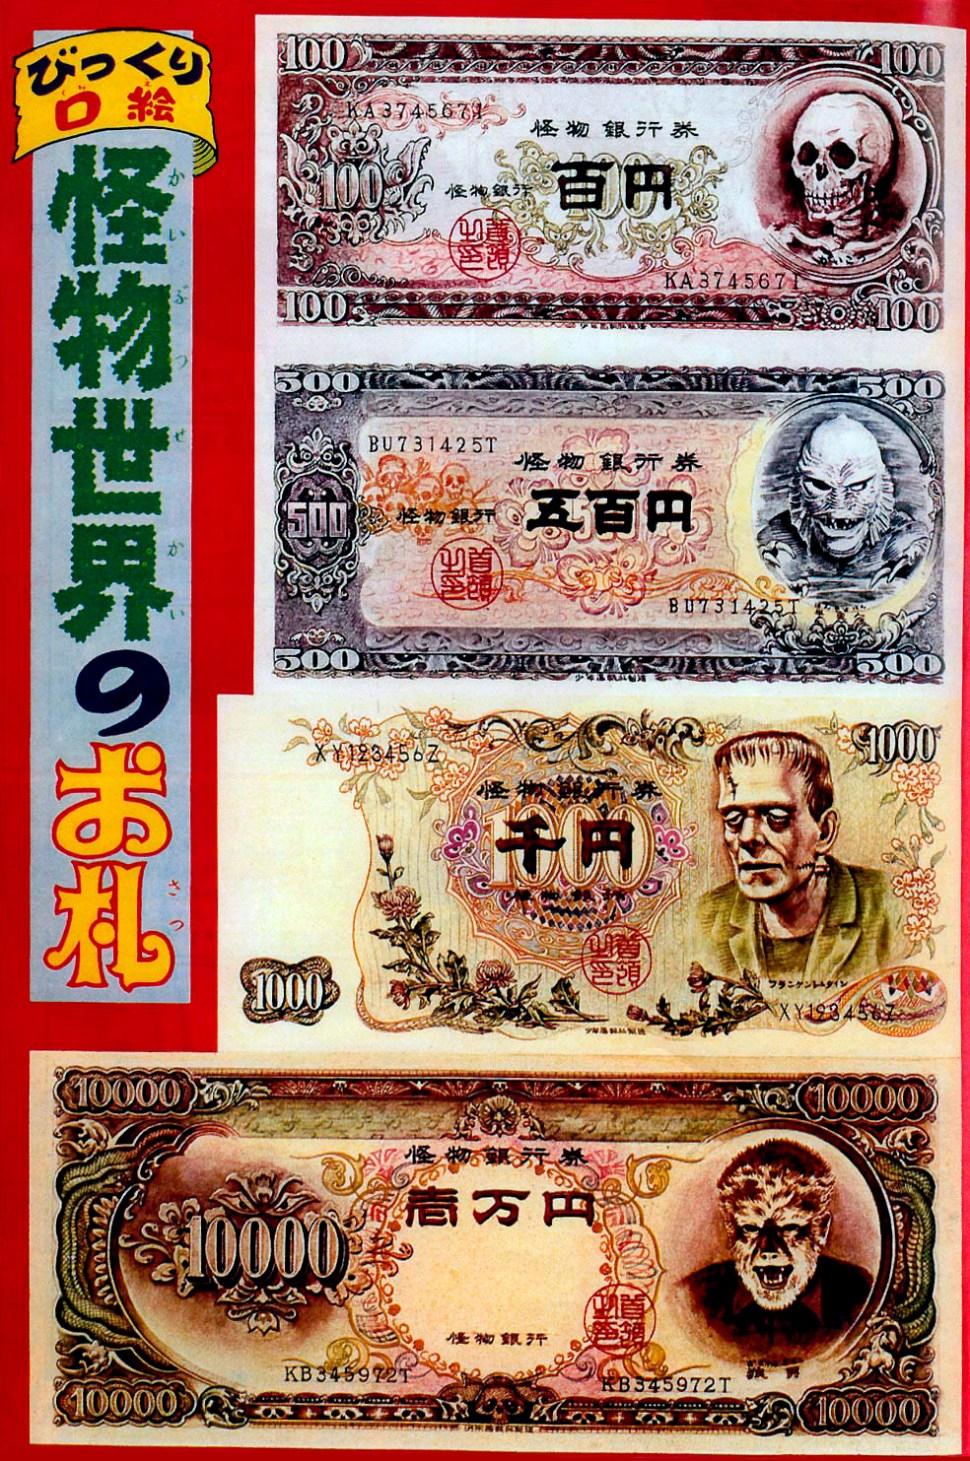 Monster money!